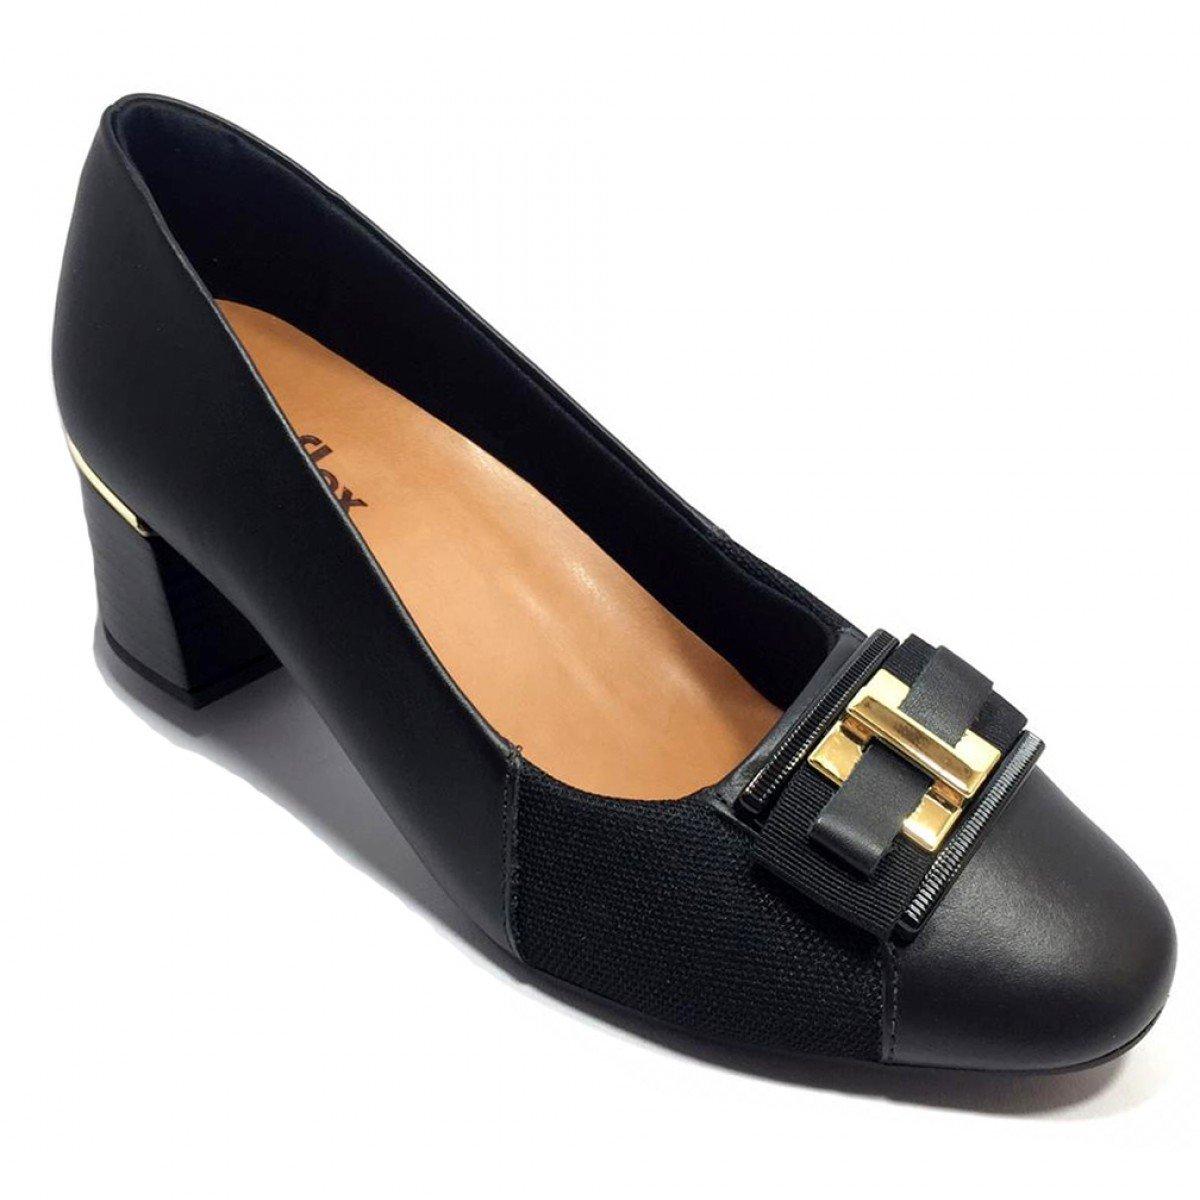 a14577e852 Sapato Scarpin Couro Usaflex Joanete Fivela Preto - Compre Agora ...